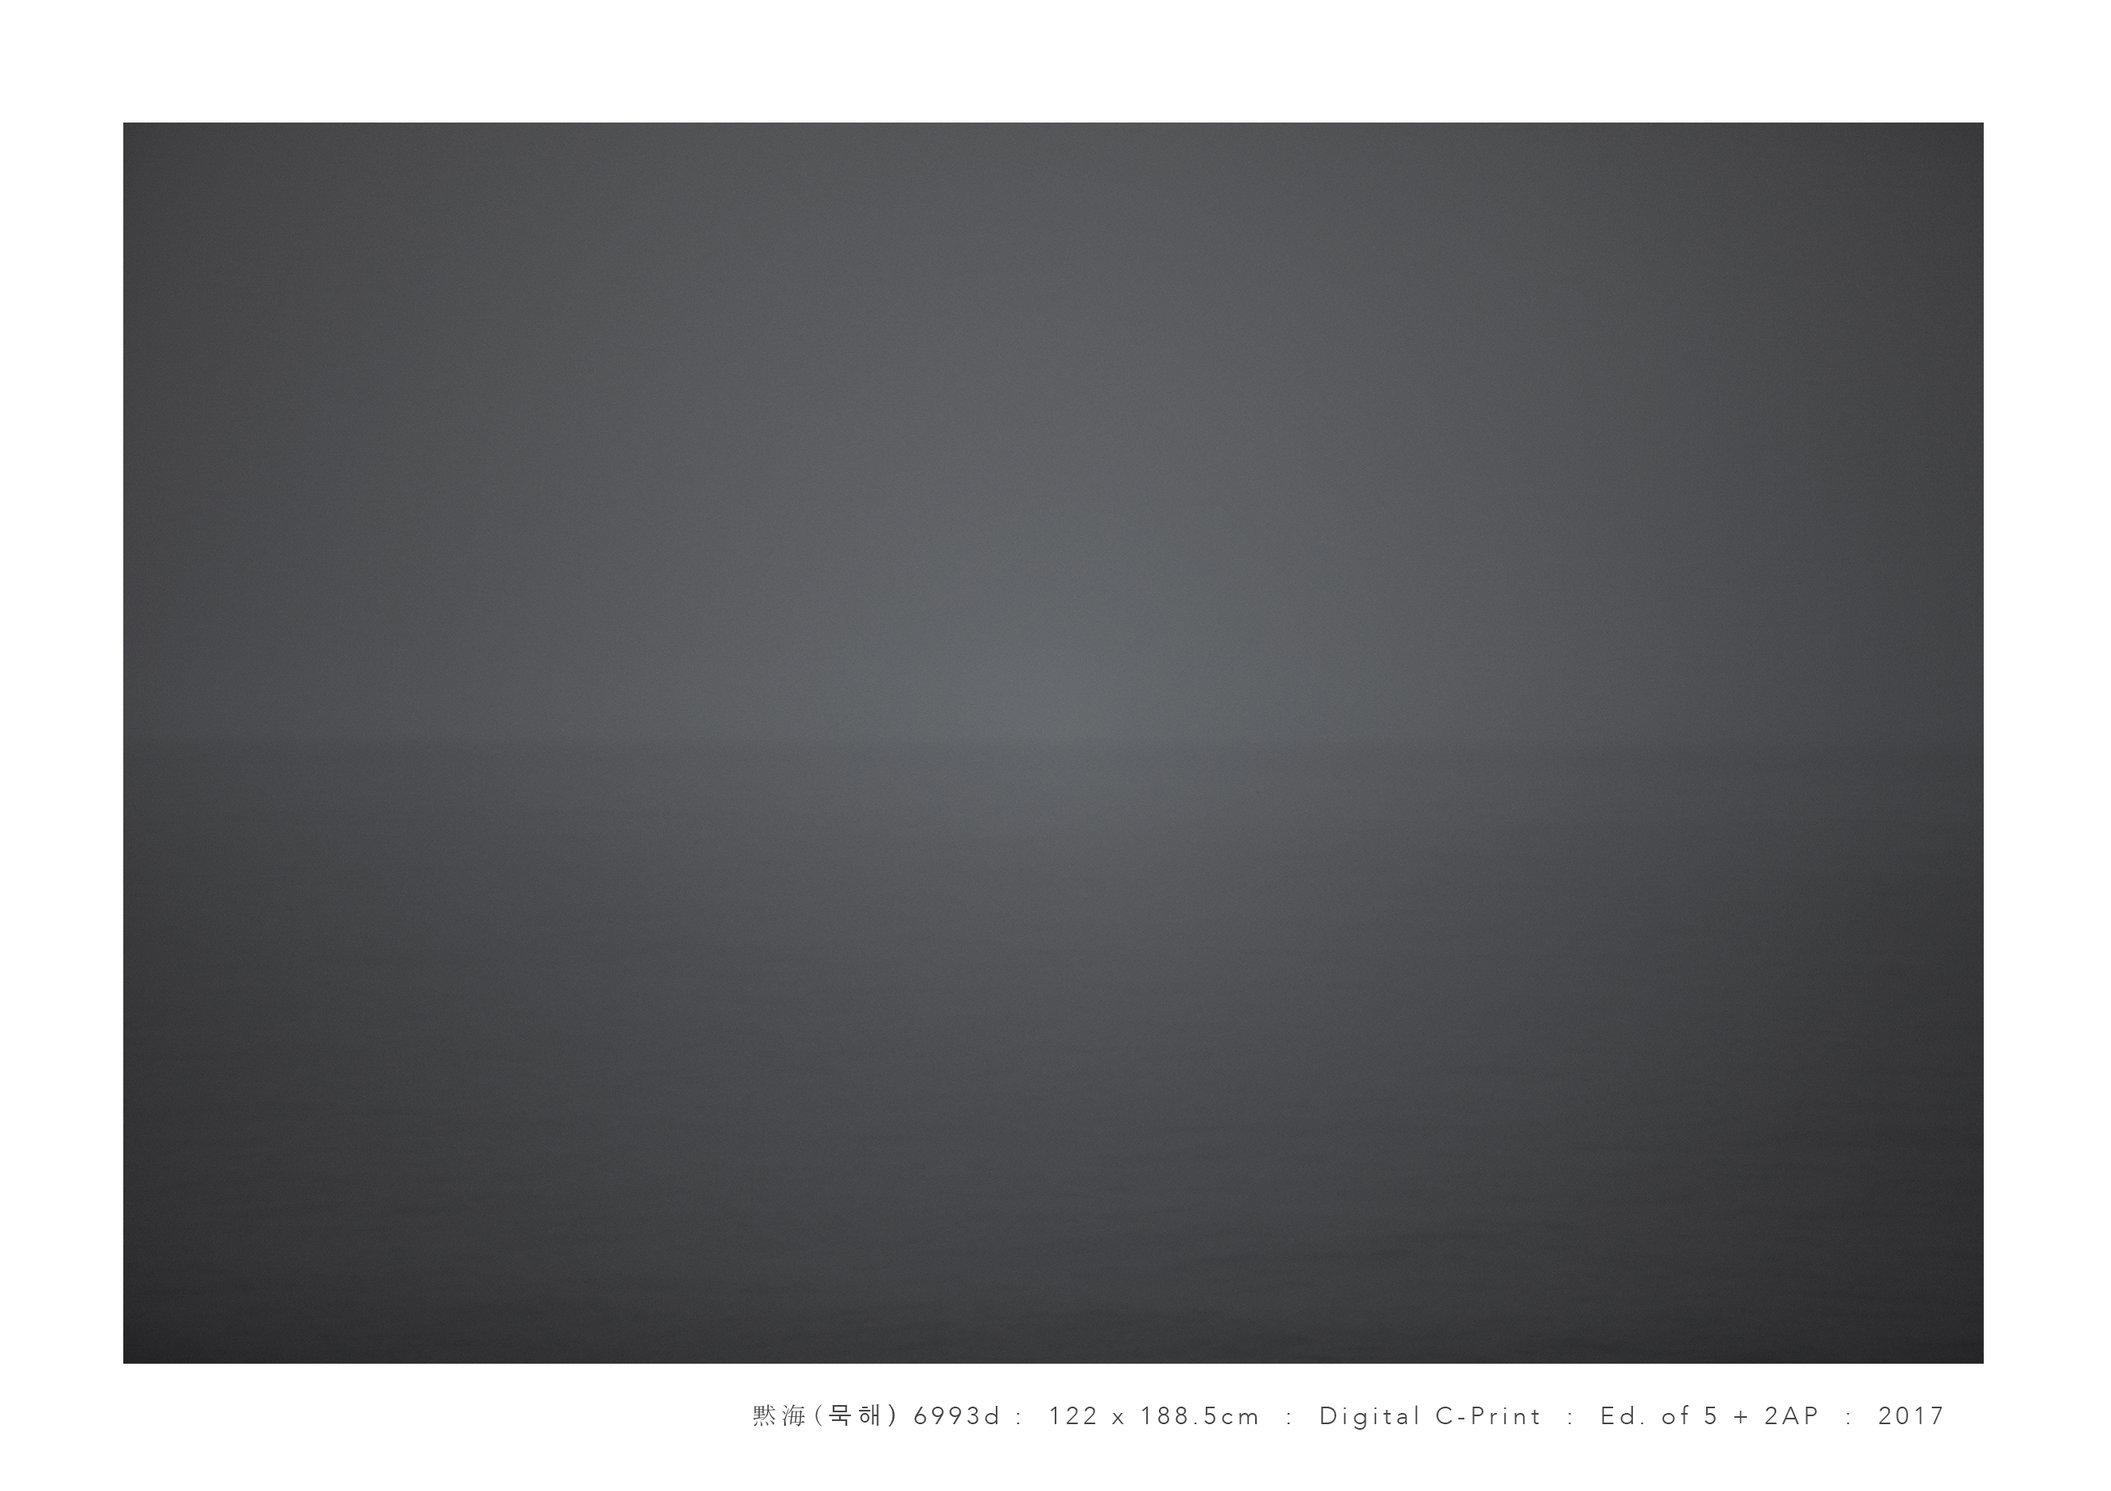 6993d.jpg